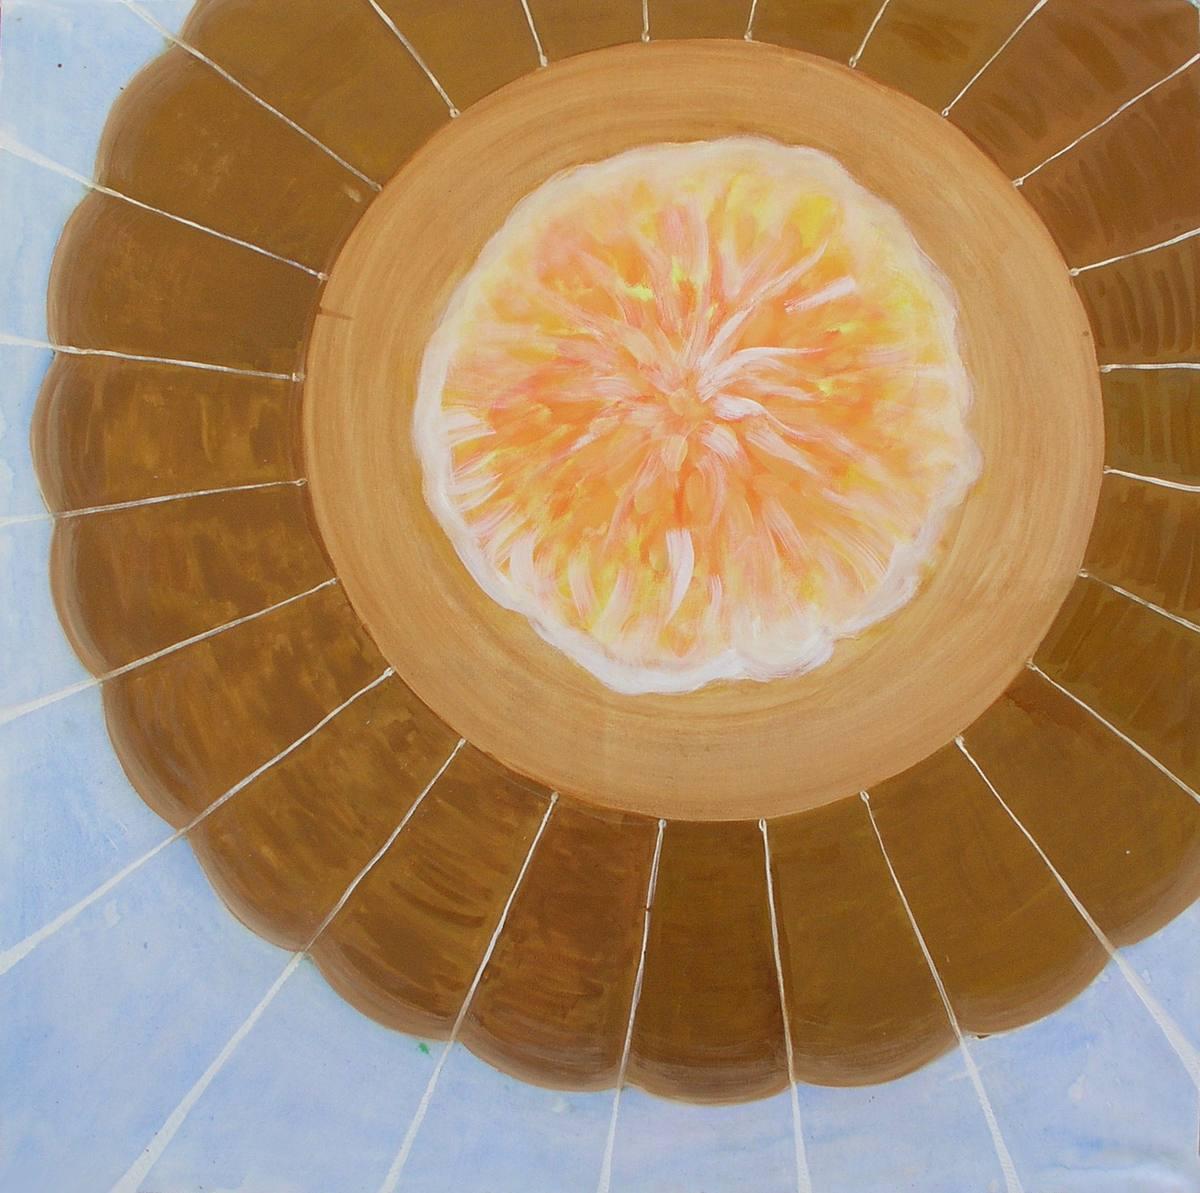 Balón mého života, olej na plátně, 195x195 cm